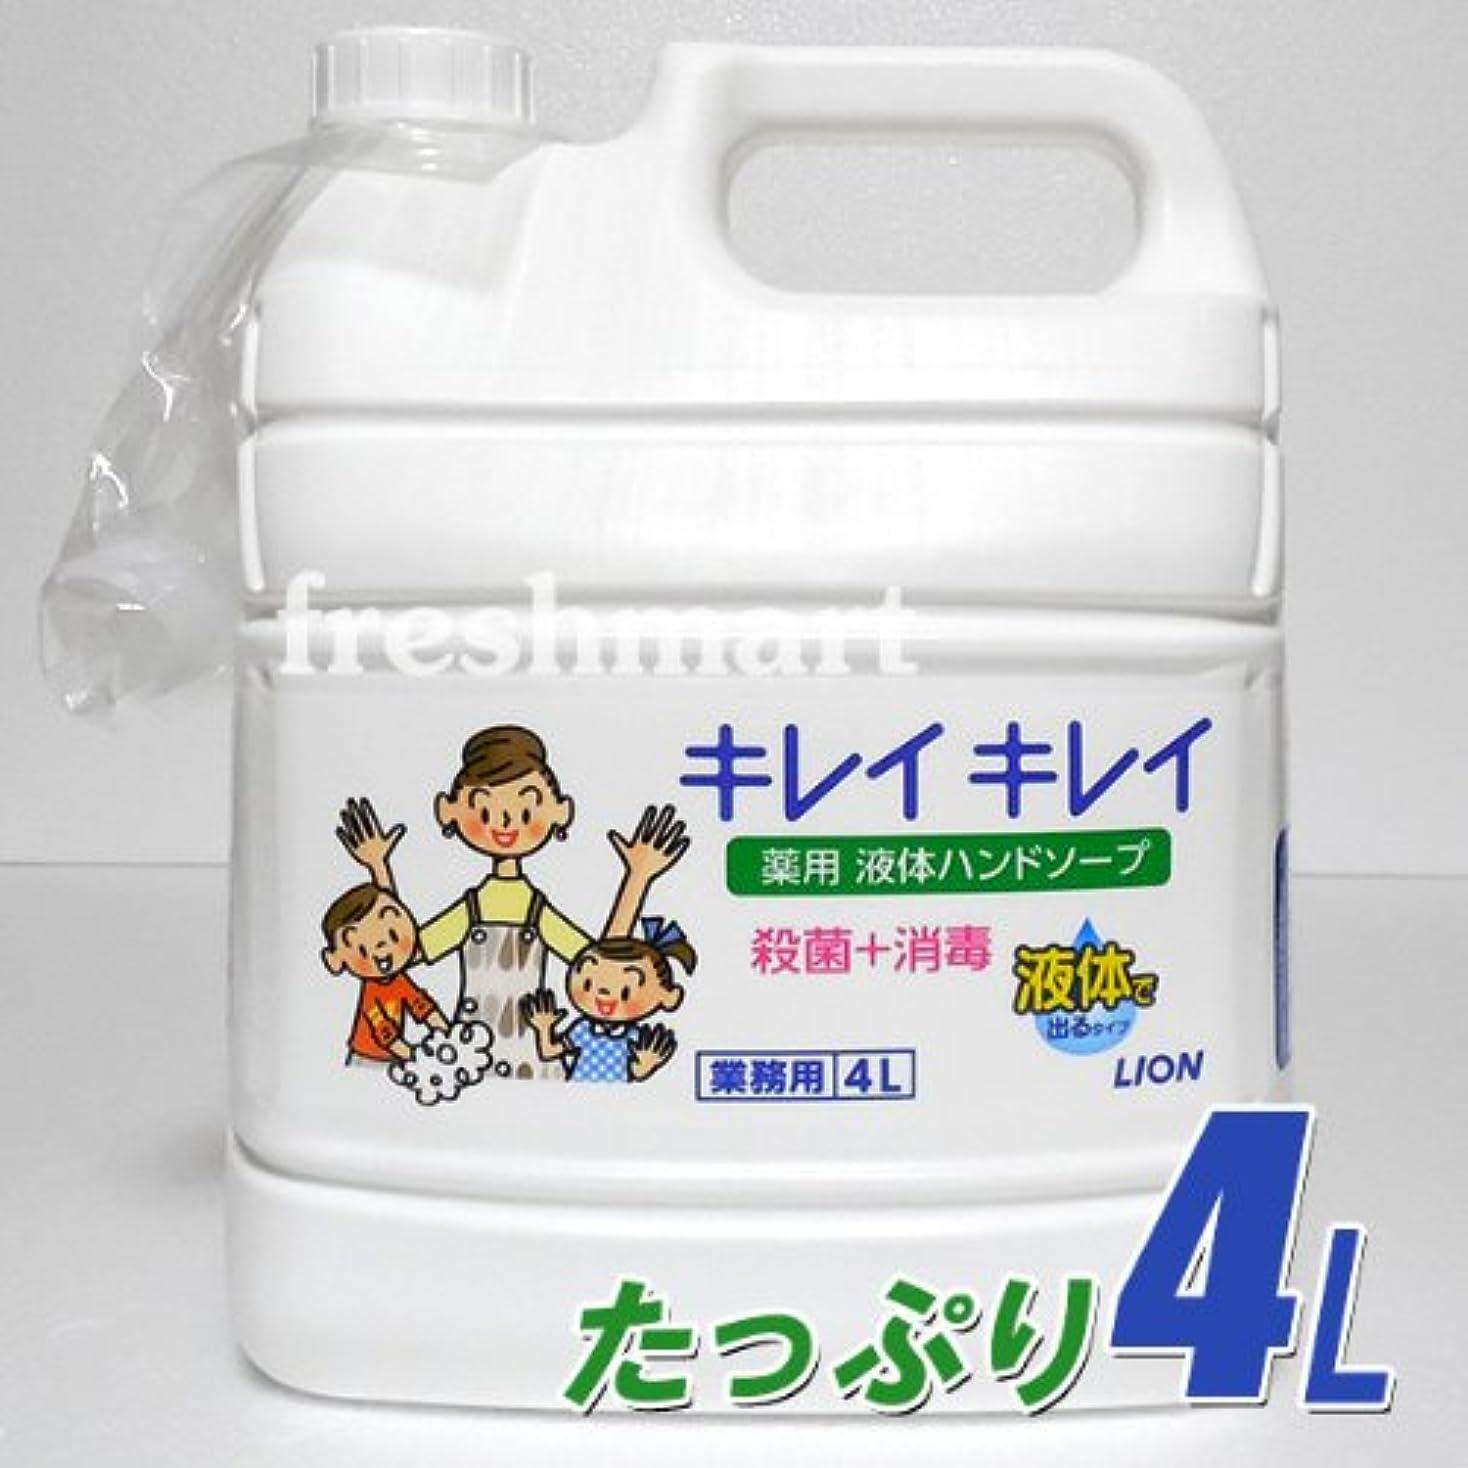 失態コロニー勢い☆100%植物性洗浄成分使用☆ ライオン キレイキレイ 薬用液体ハンドソープ つめかえ用4L 業務用 大容量 ボトル